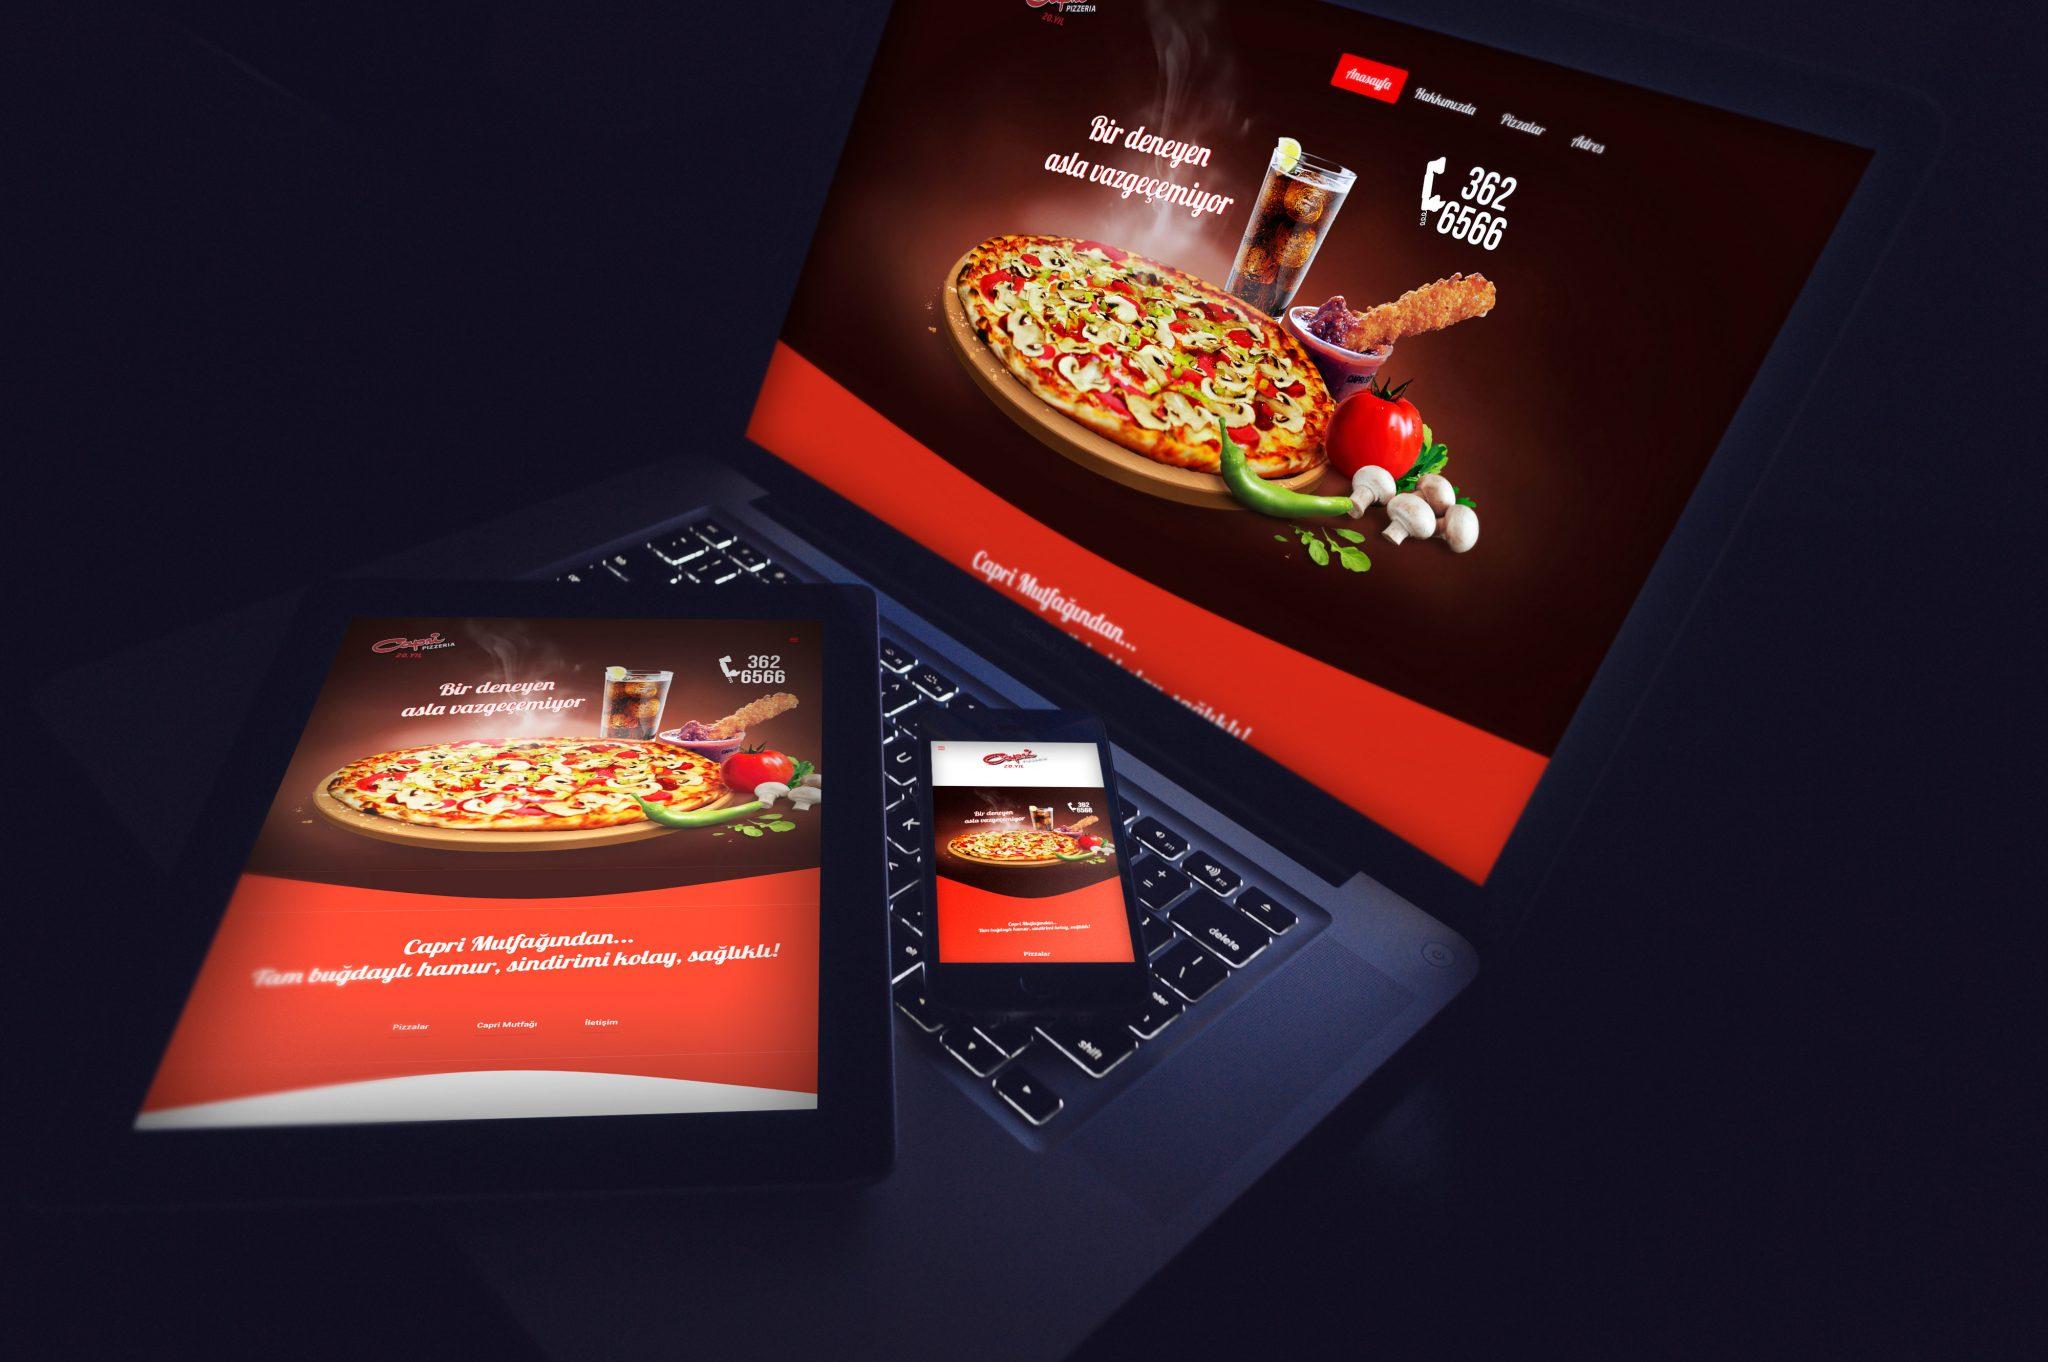 capri-pizza-web-site